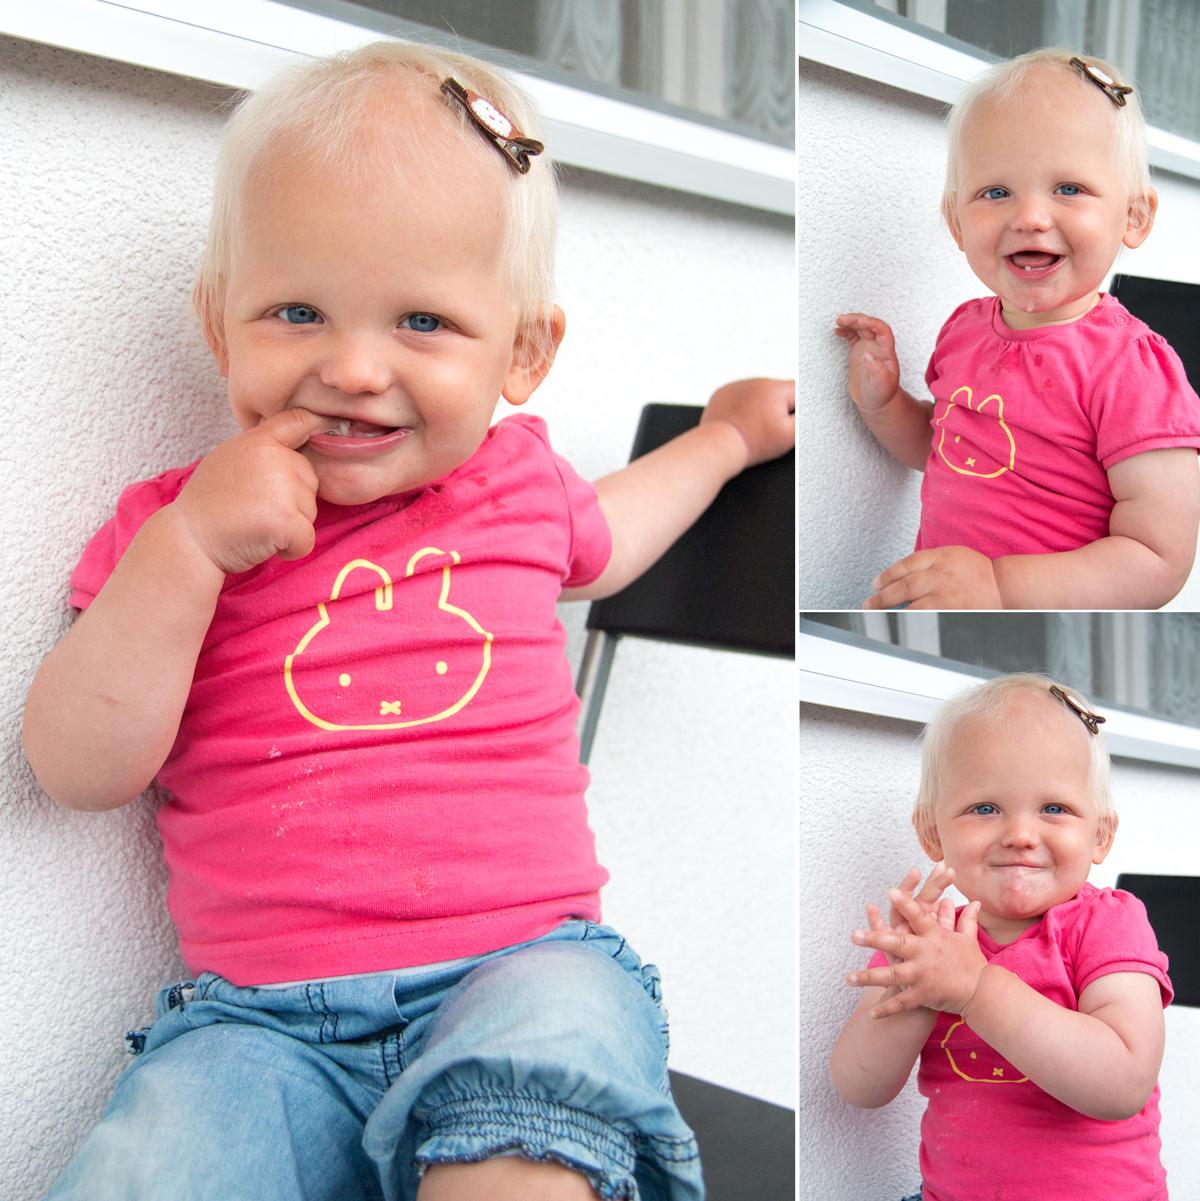 En dan vandaag! Vandaag is ze echt 15 maanden en is toch echt een hele happy tante!